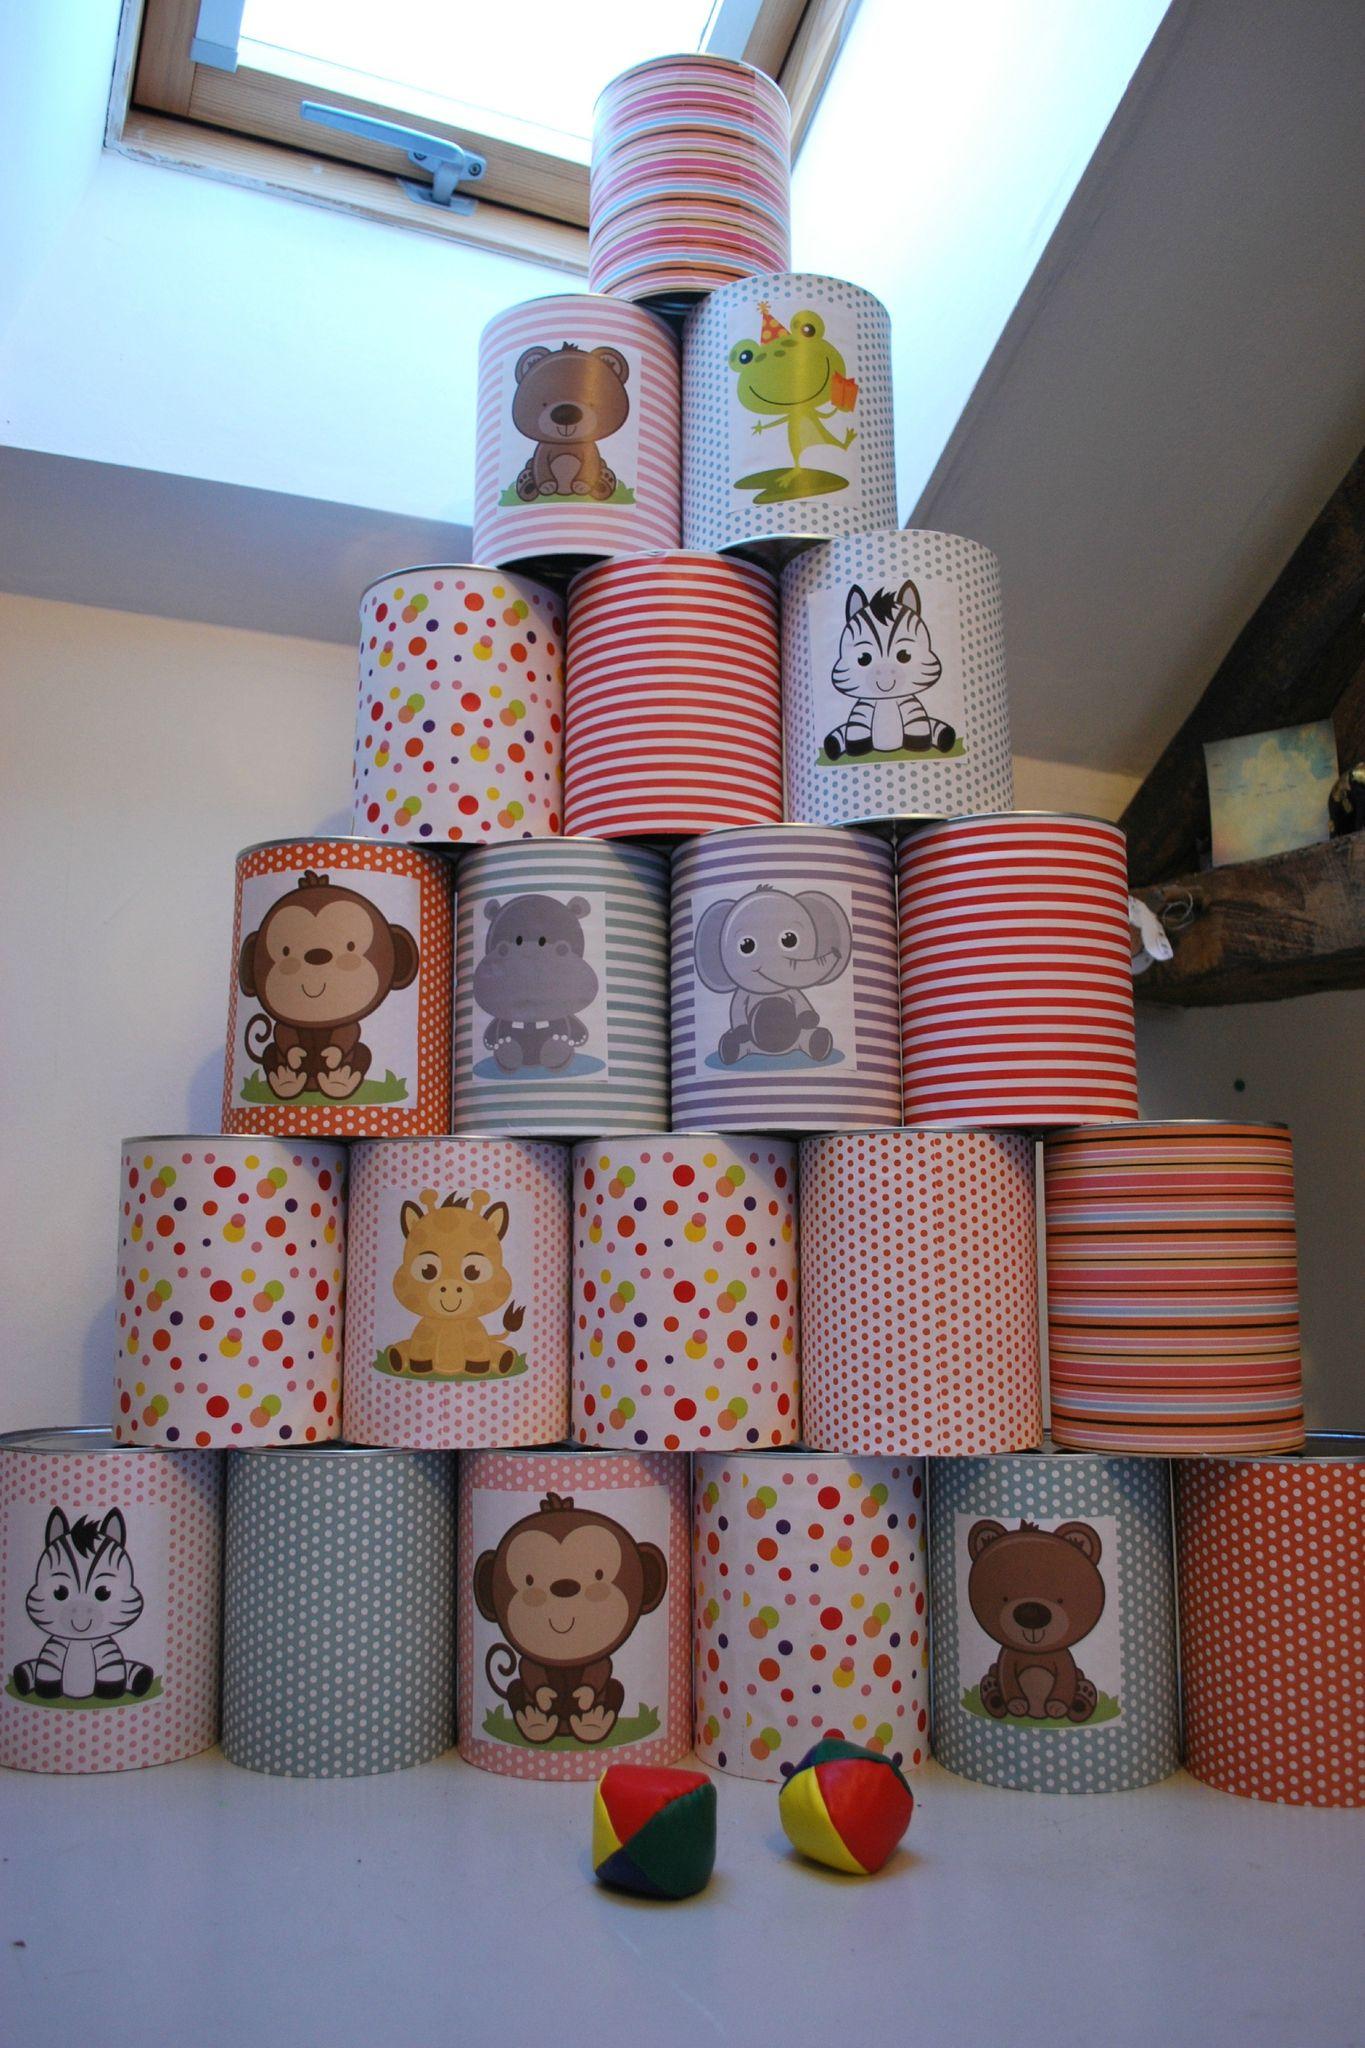 Recyclage ...et chamboule tout - Ophélie Pecantet-Balous   Recyclage, Idée de jeux et Boîte à lait